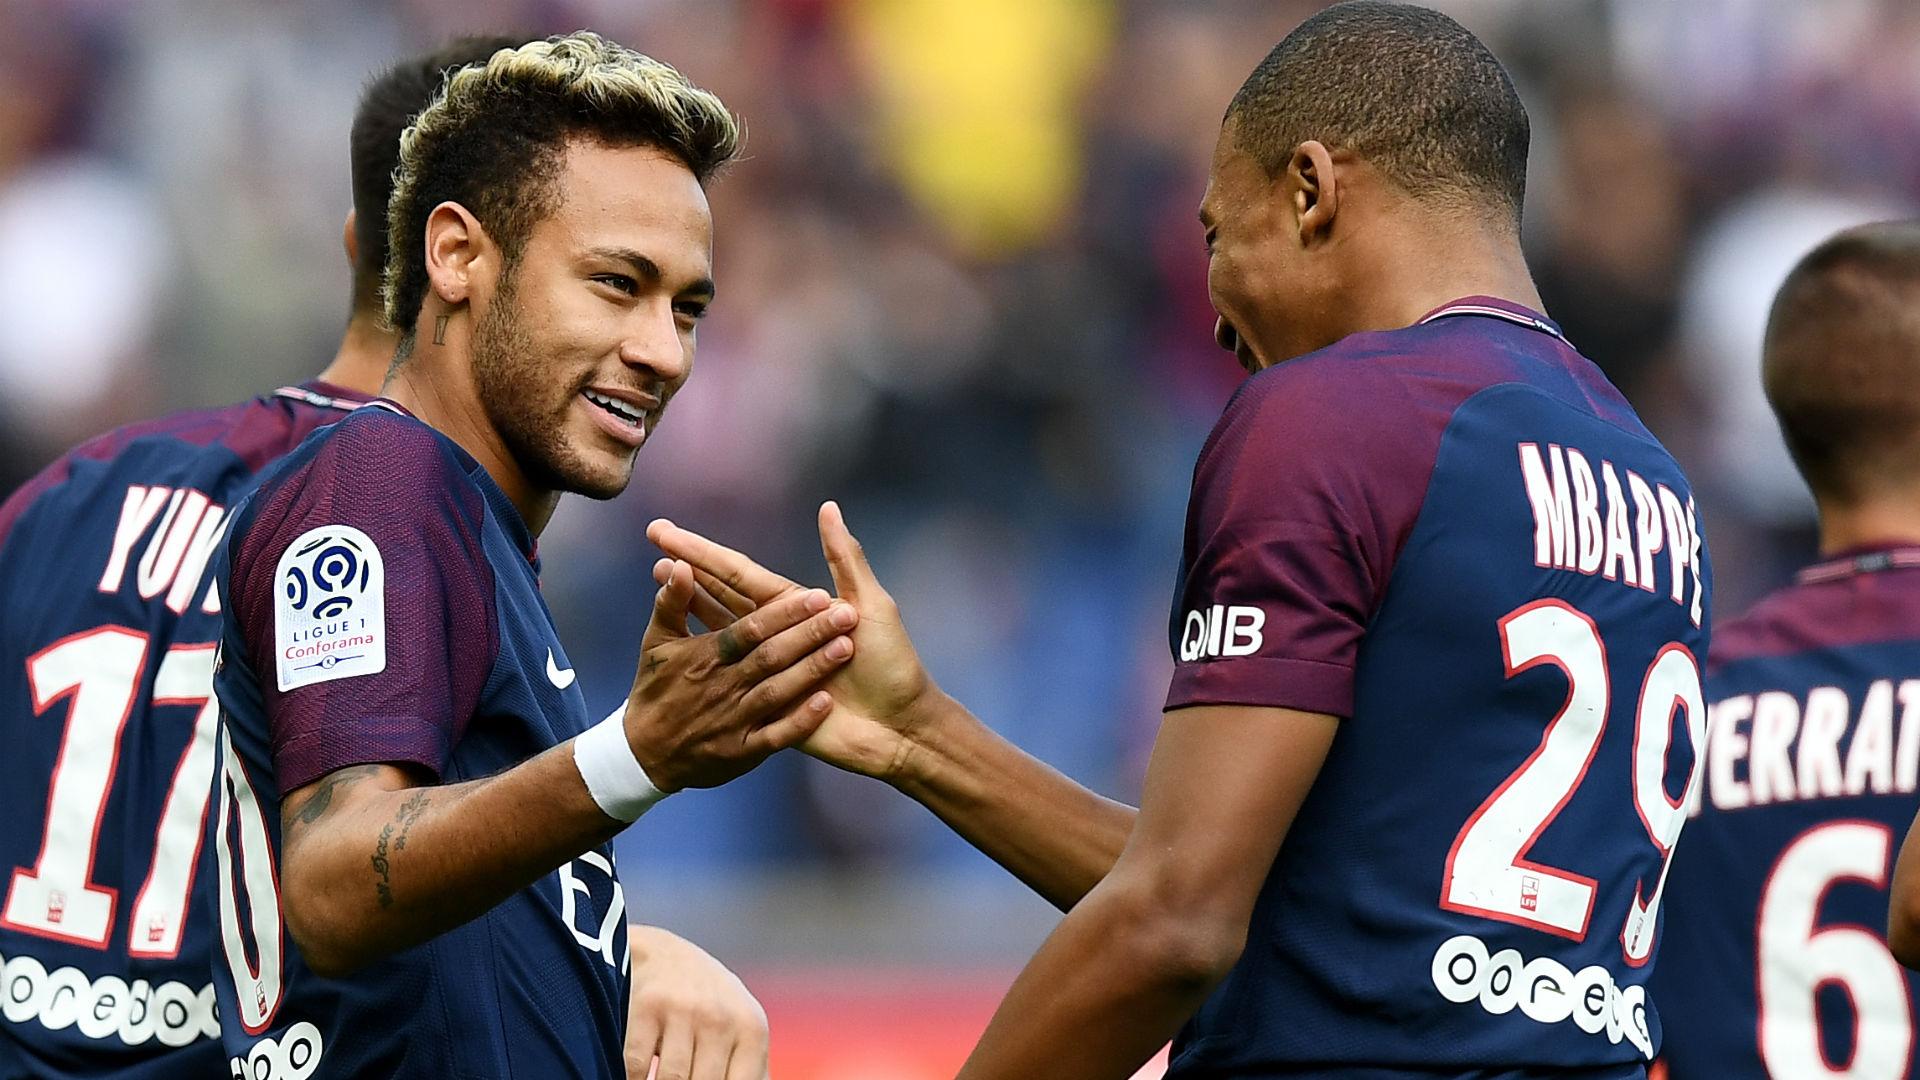 Sao PSG lên tiếng sau bức xúc của Neymar với giới truyền thông